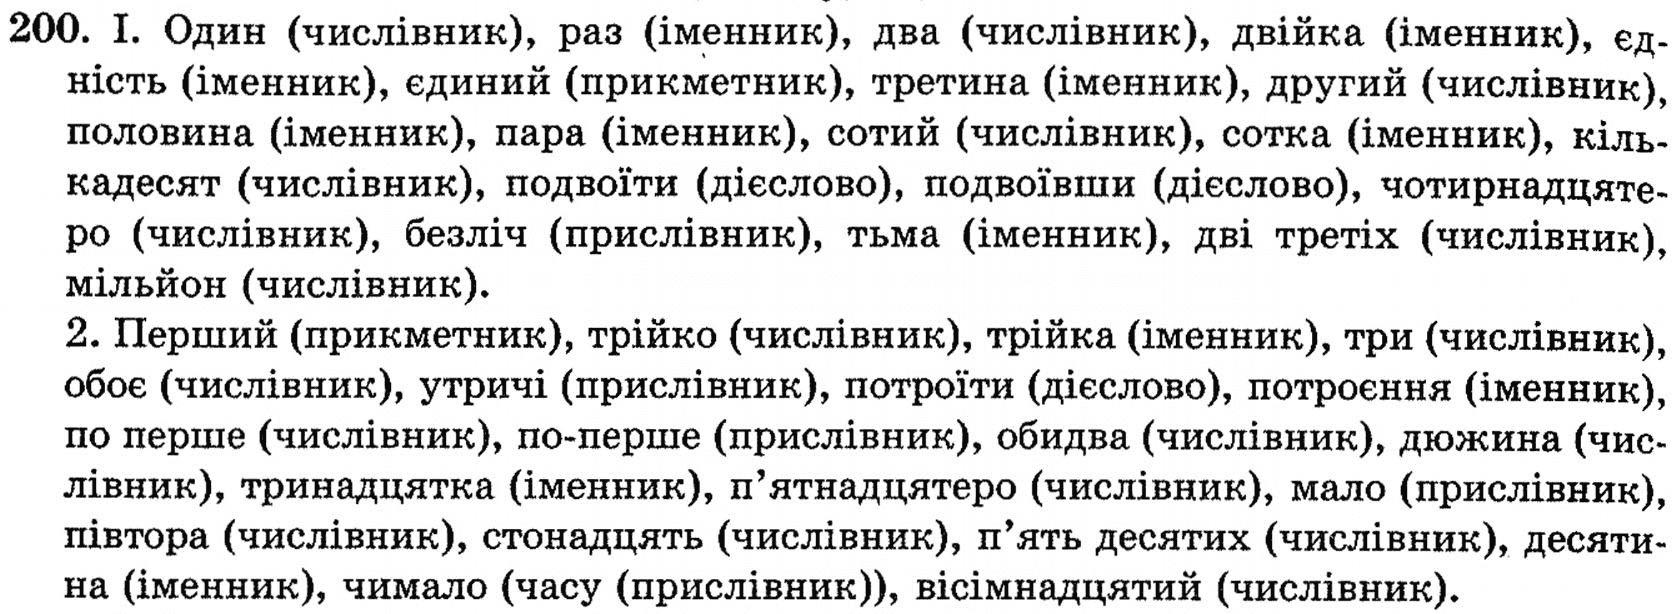 Решебник по украинской мове 5 класа заболотний